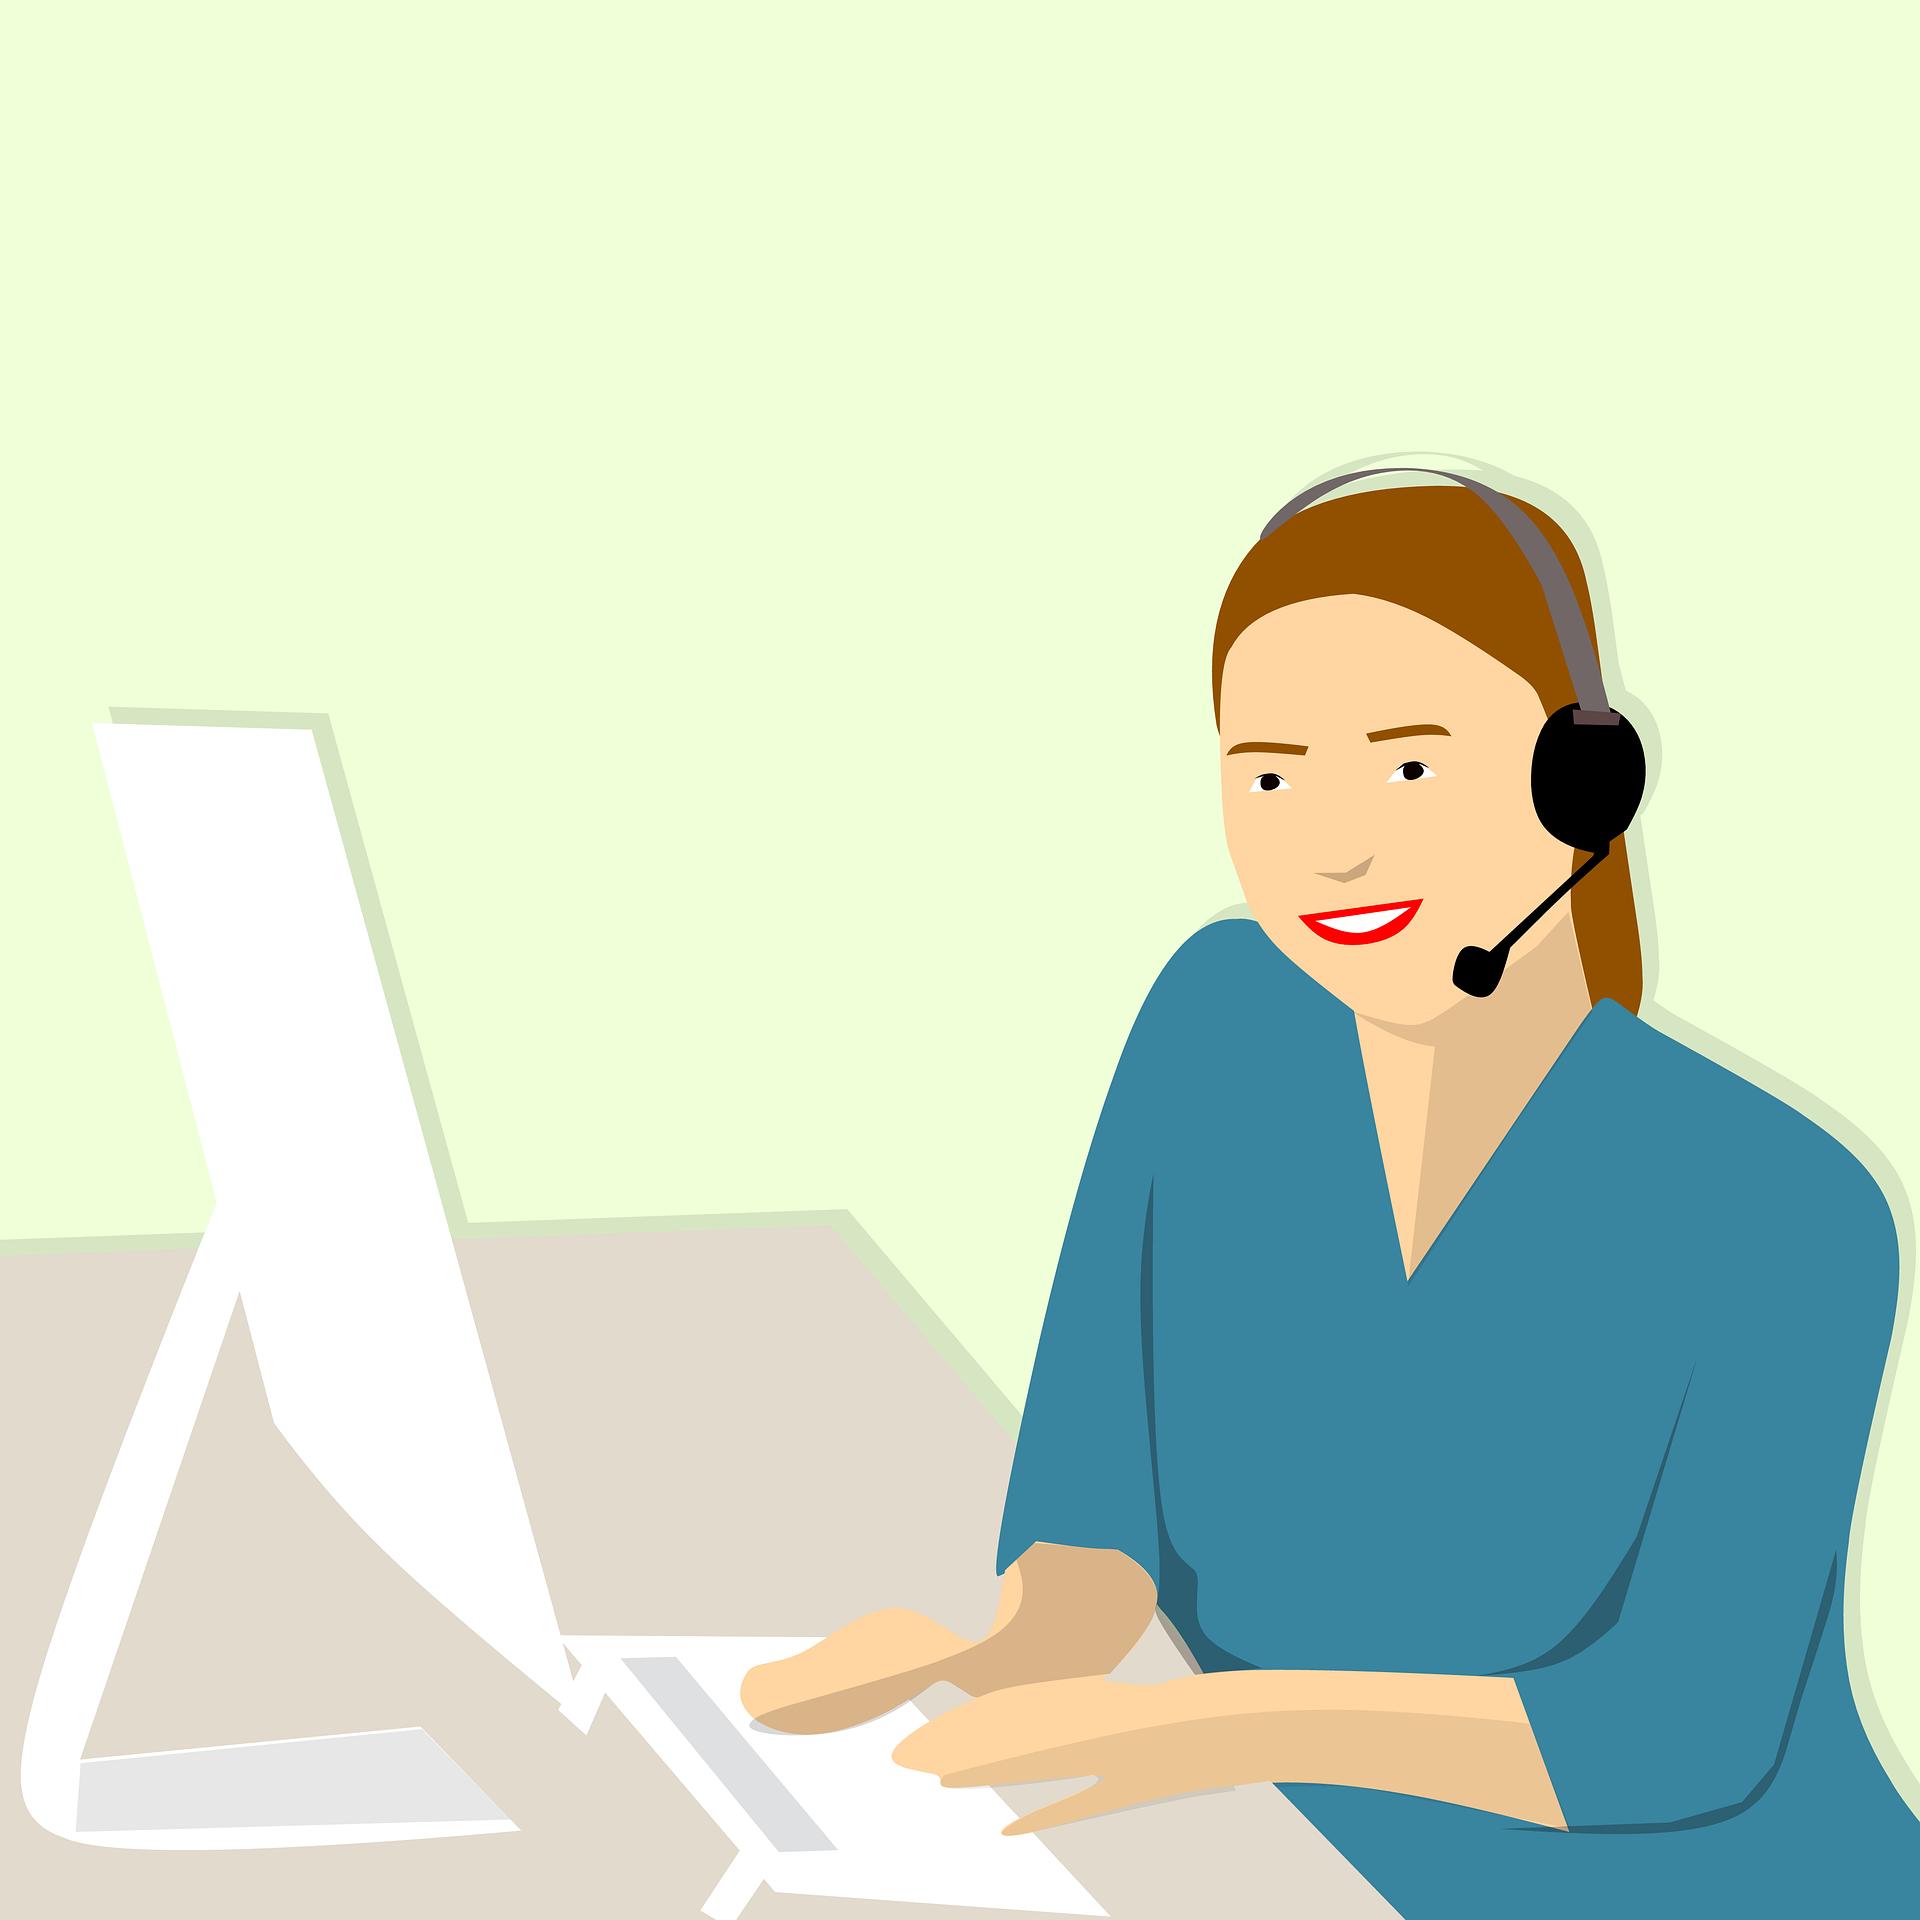 call-center-2833793_1920